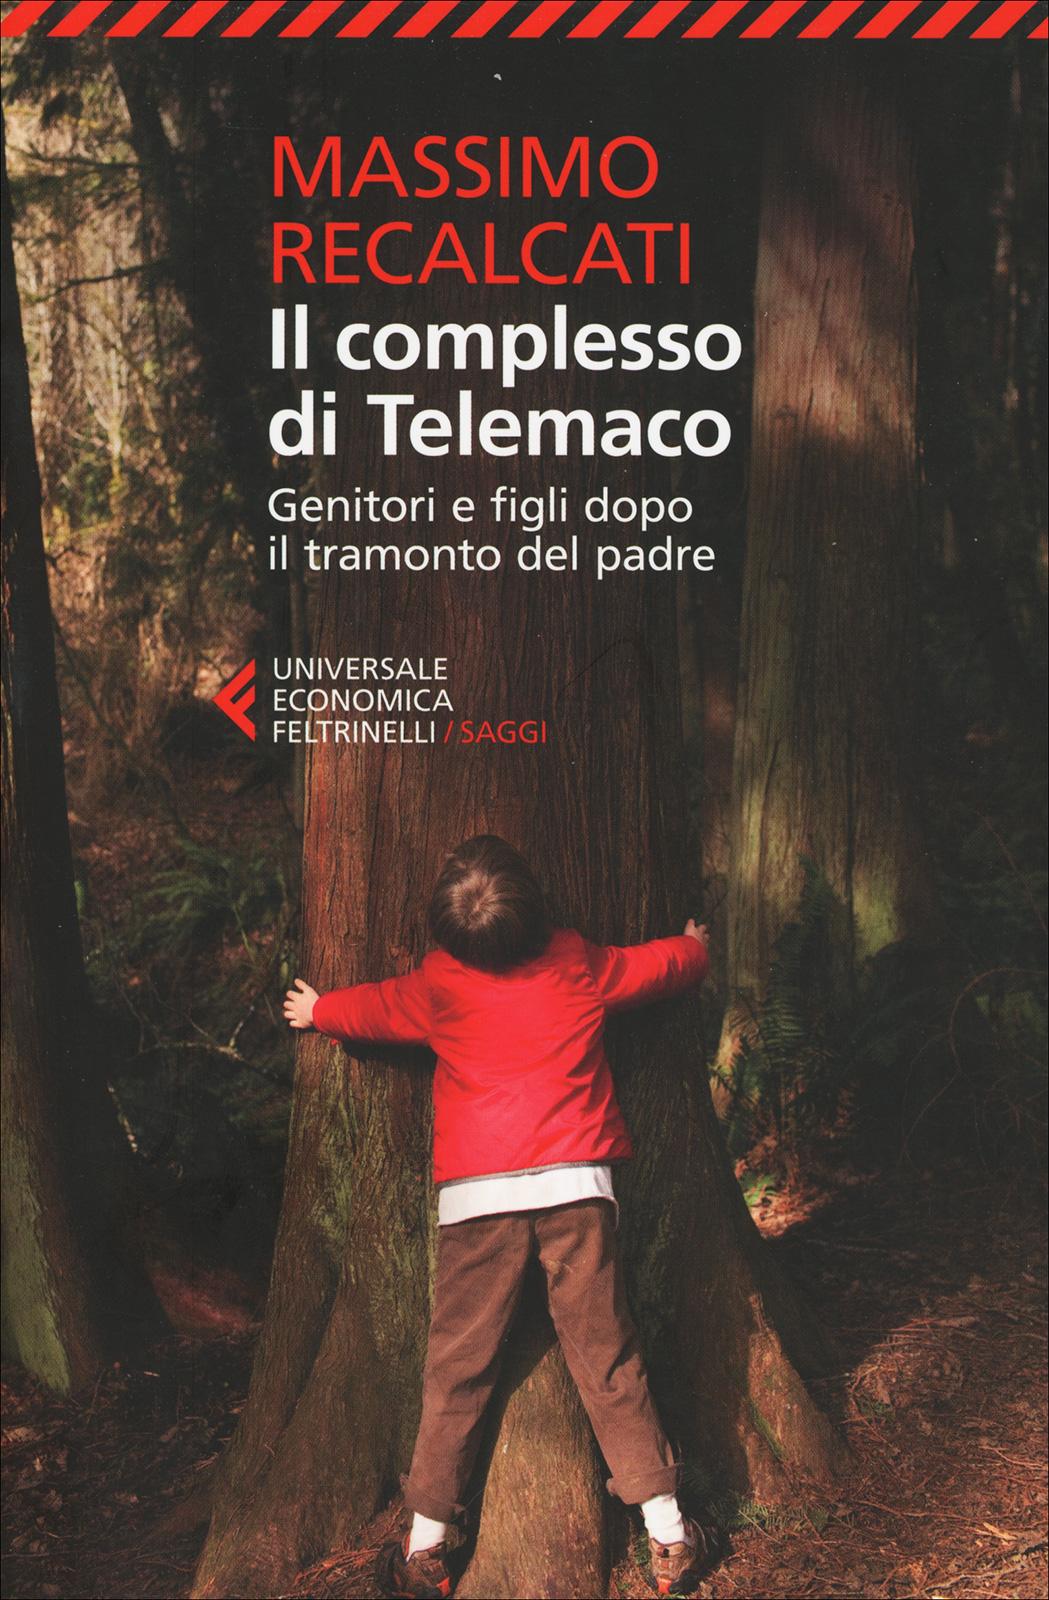 Il Complesso di Telemaco - Libro di Massimo Recalcati